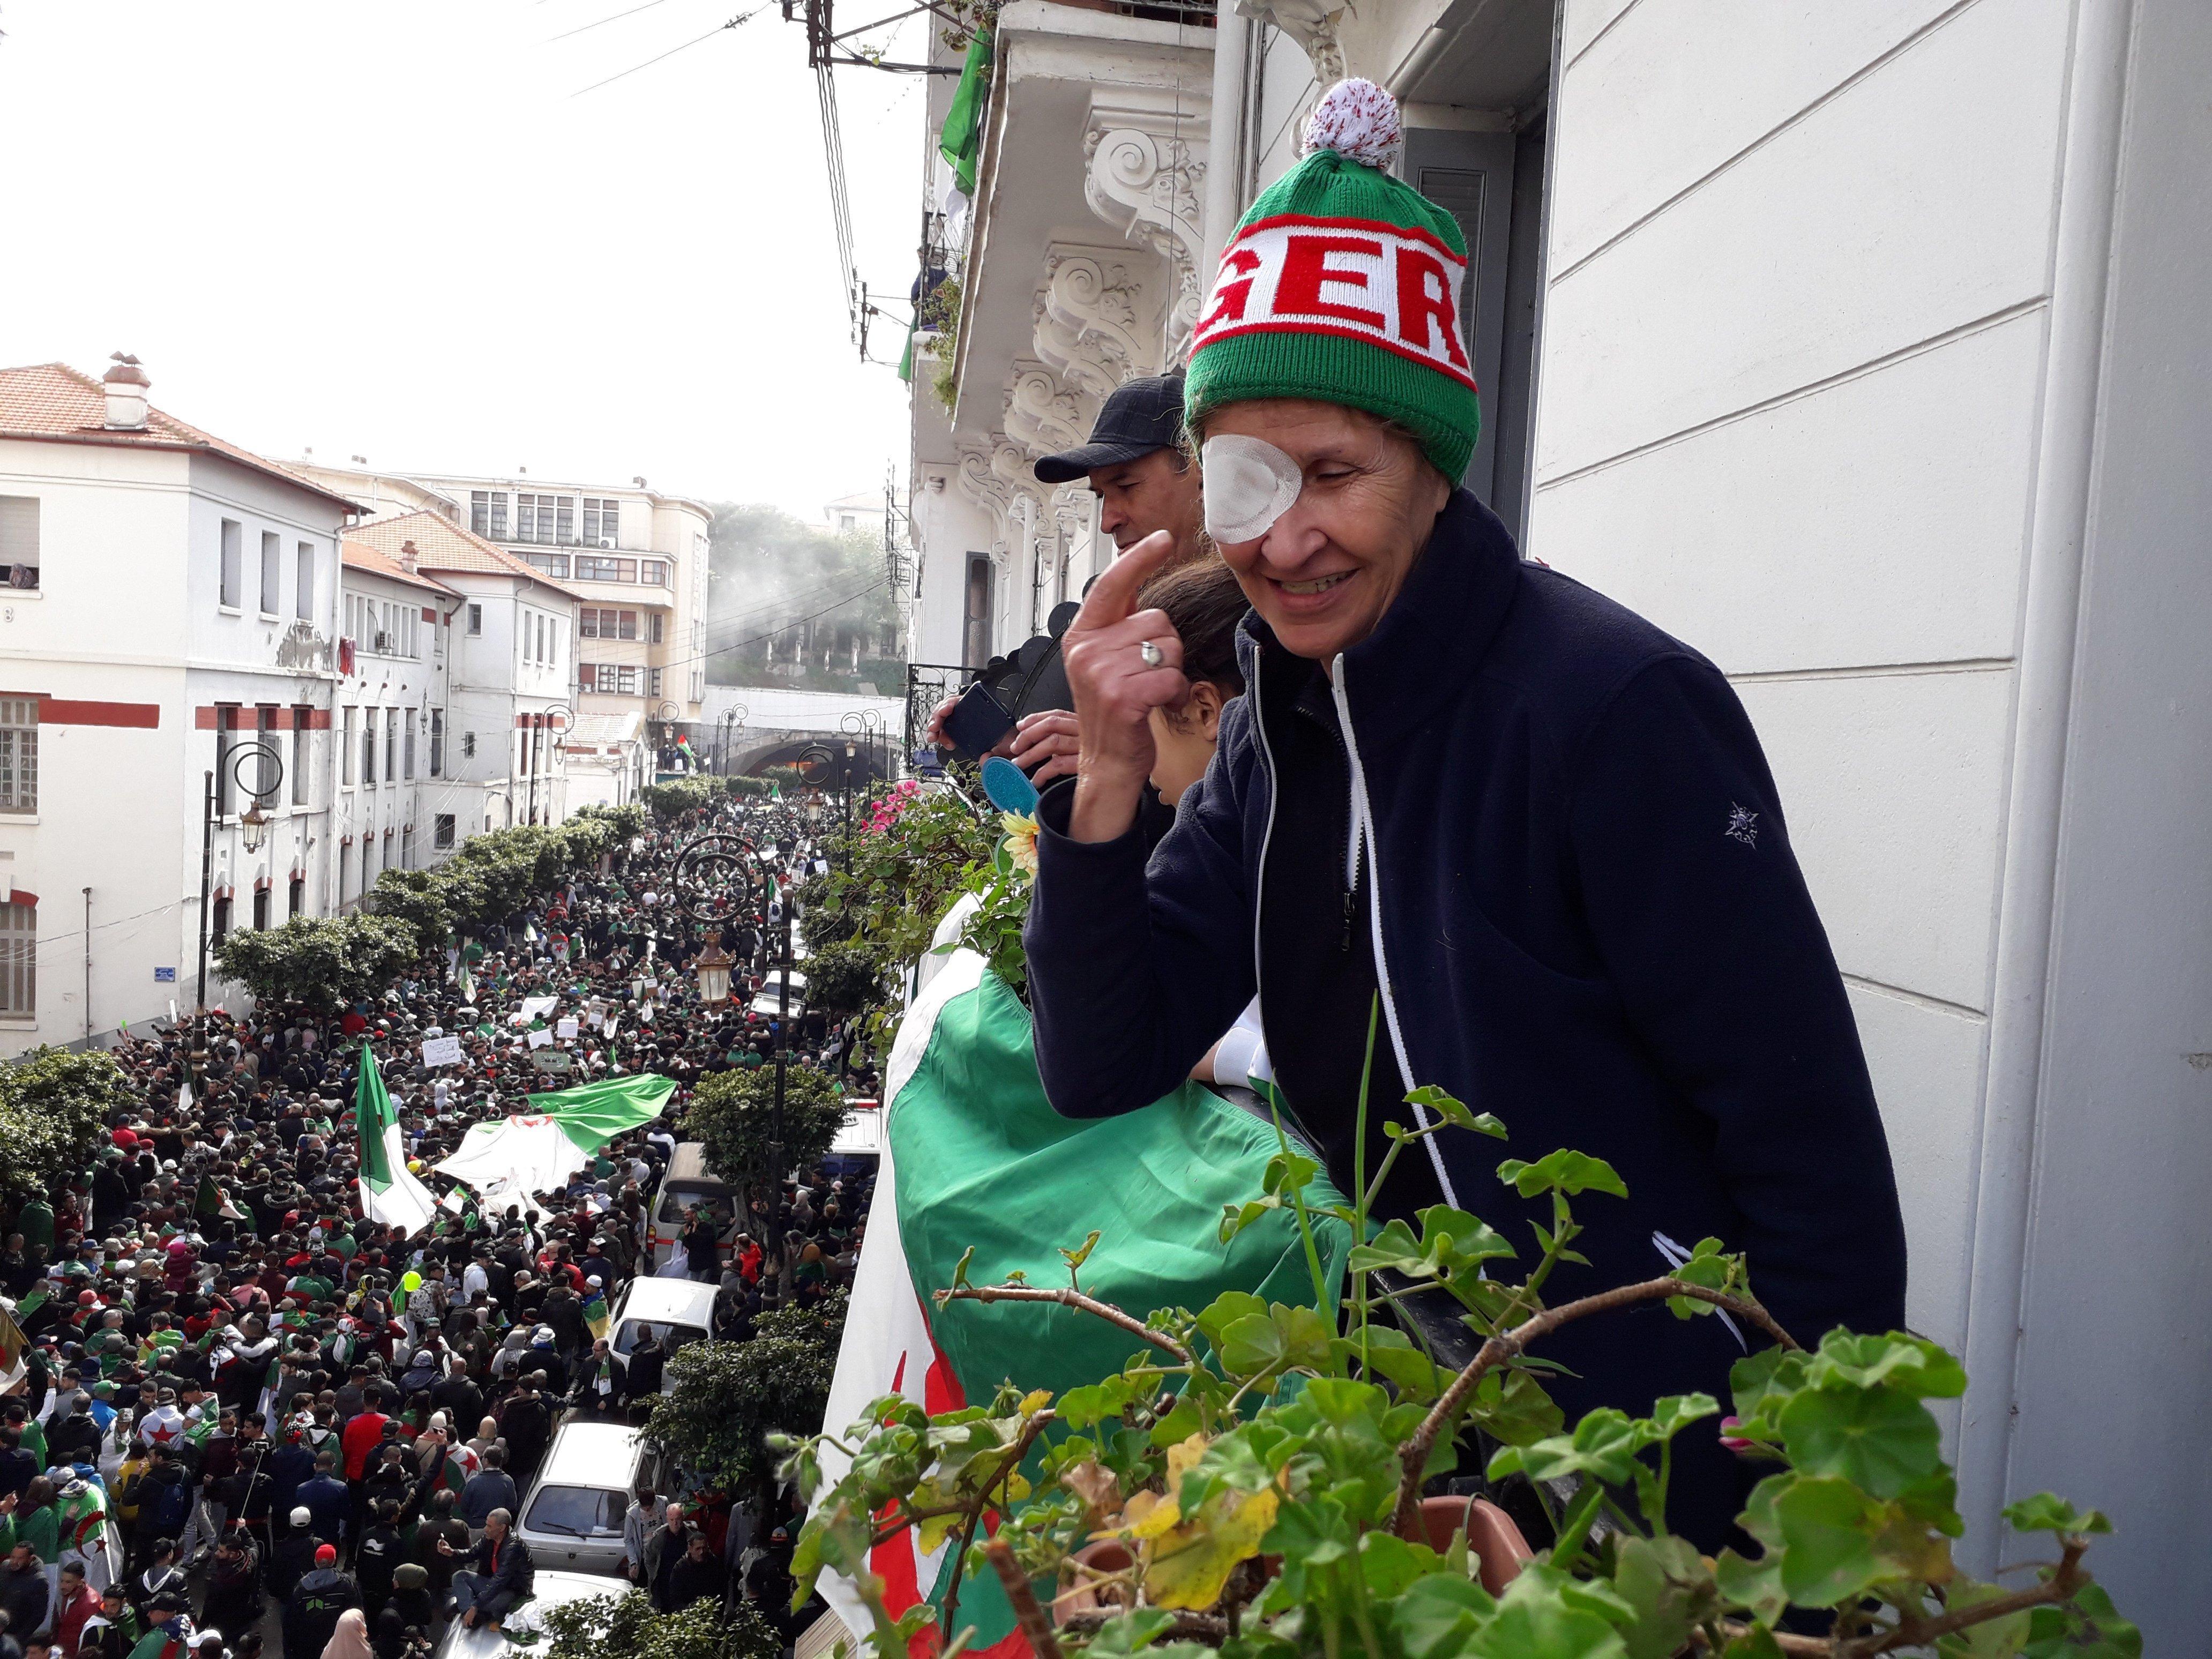 Hassiba, fonctionnaire à la retraite, s'adresse aux manifestants